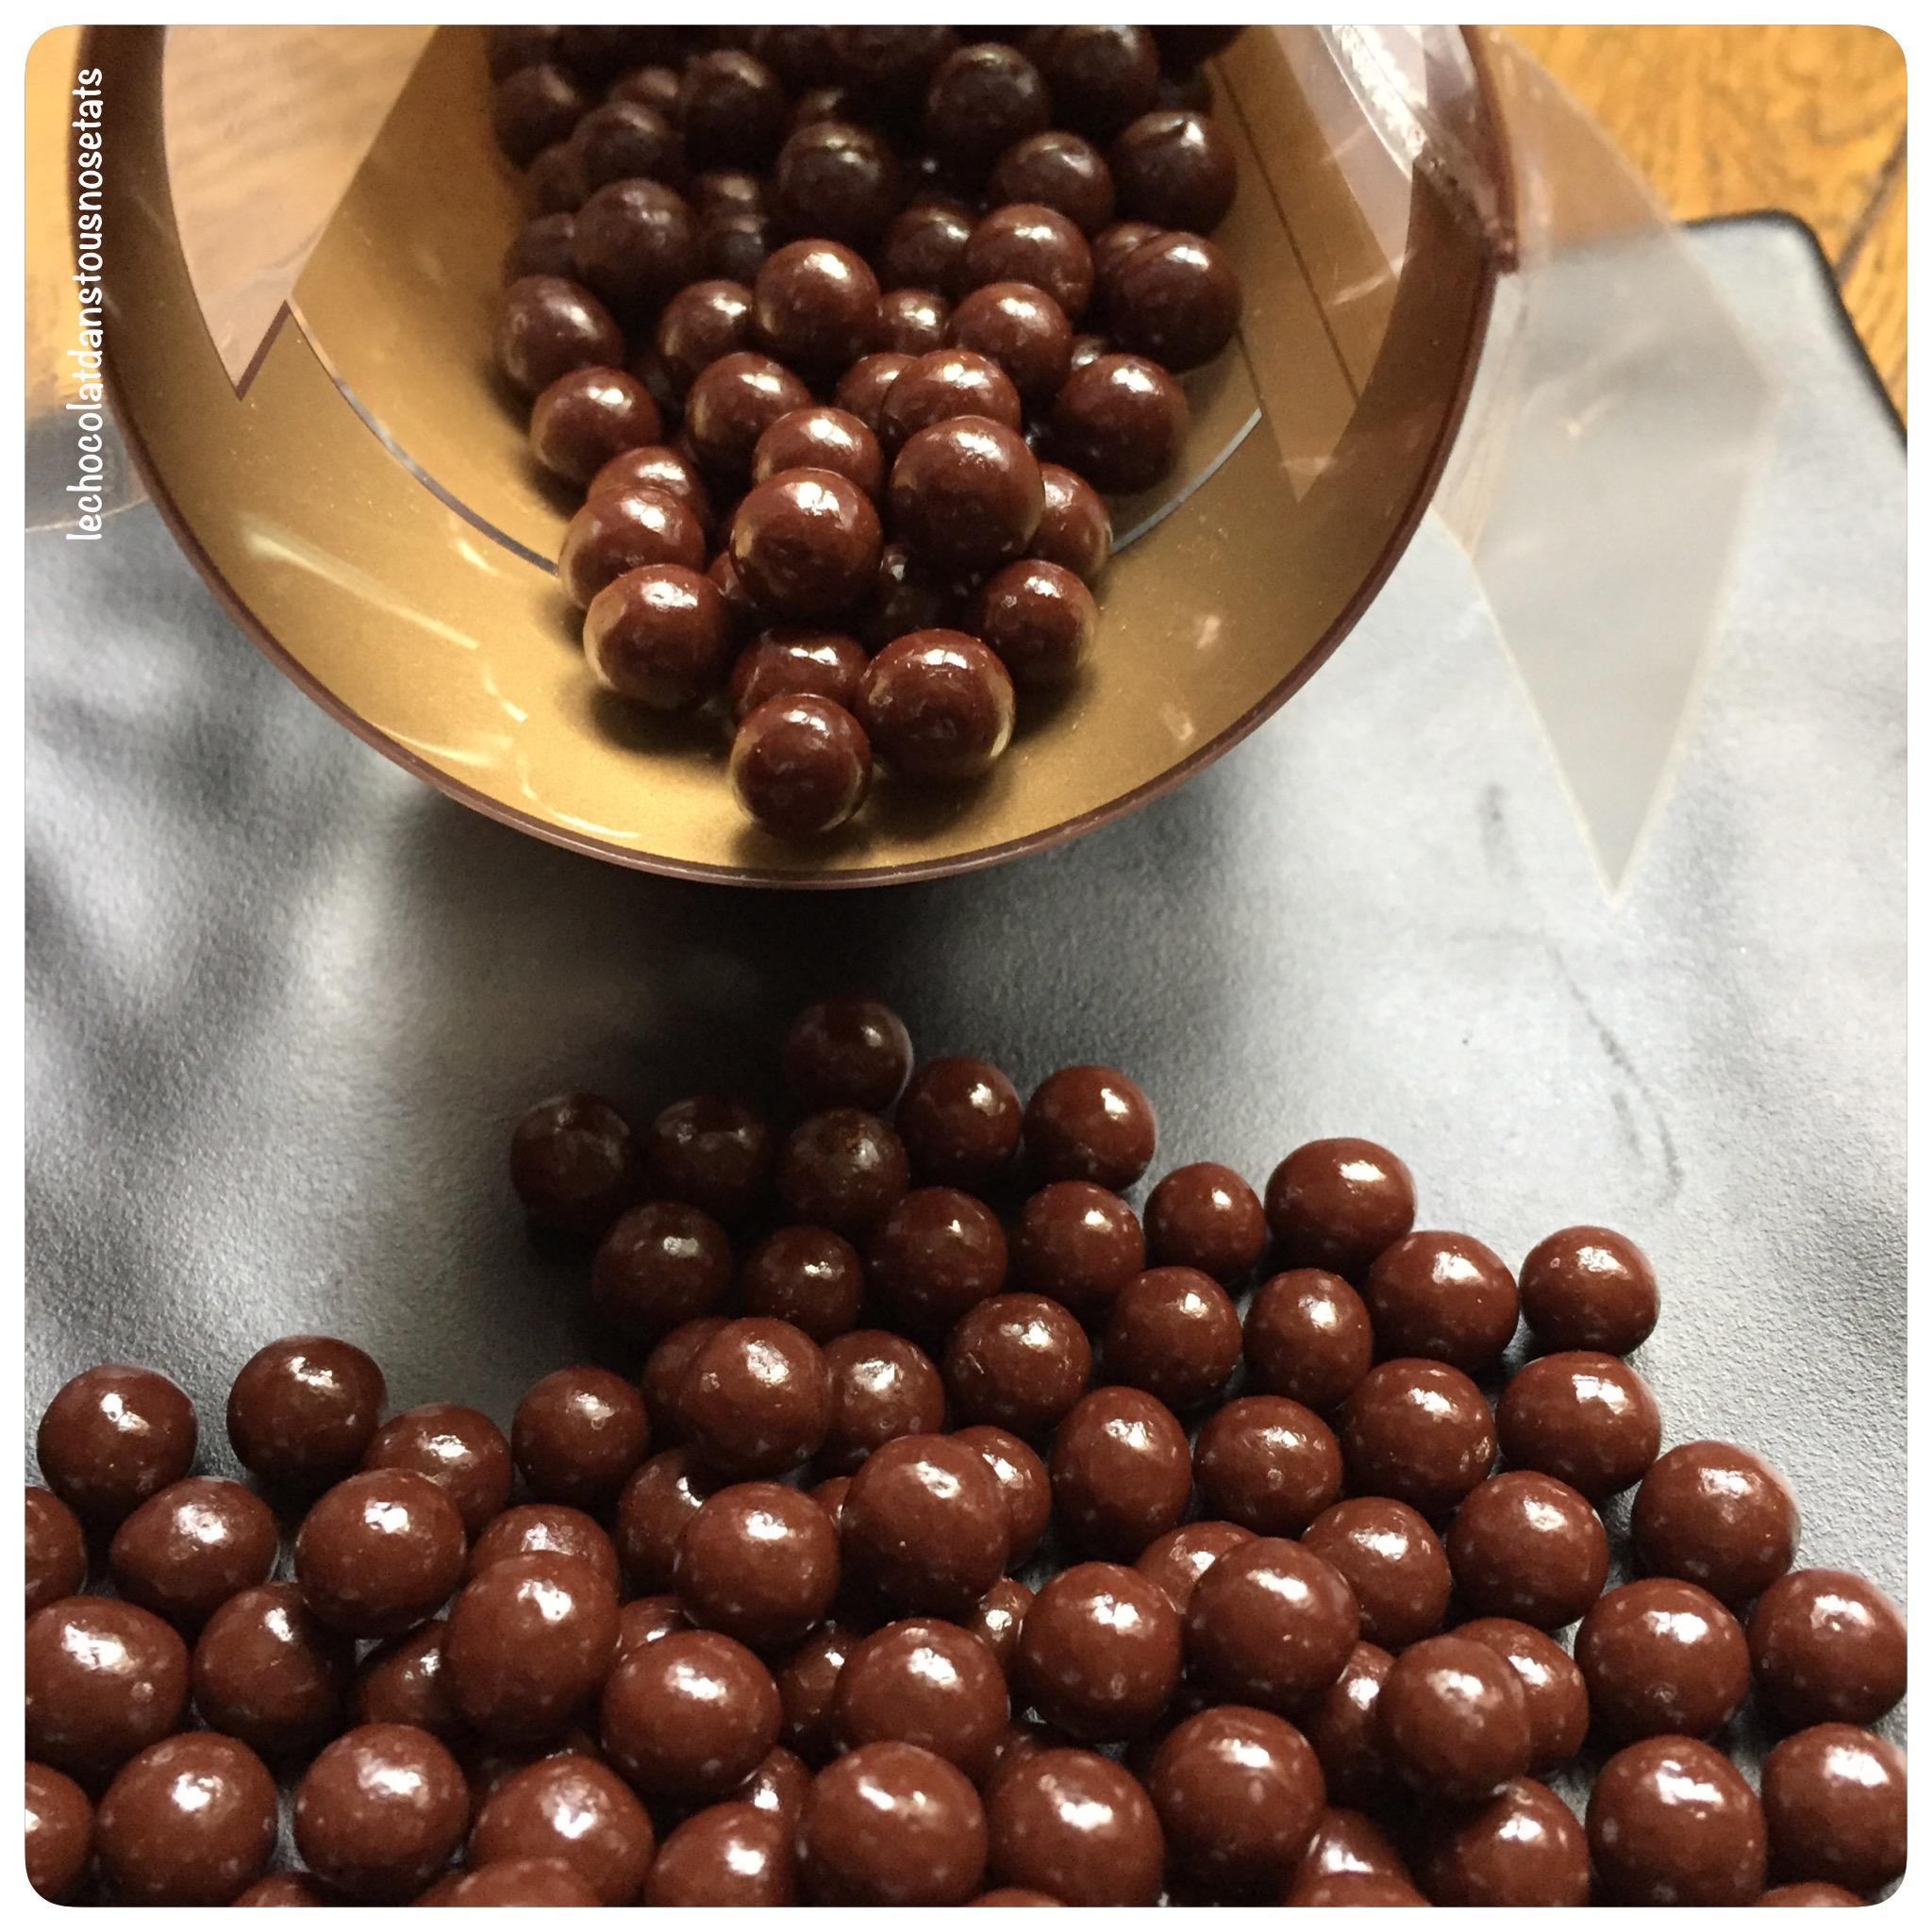 Tasse de chocolat, La Maison du Chocolat